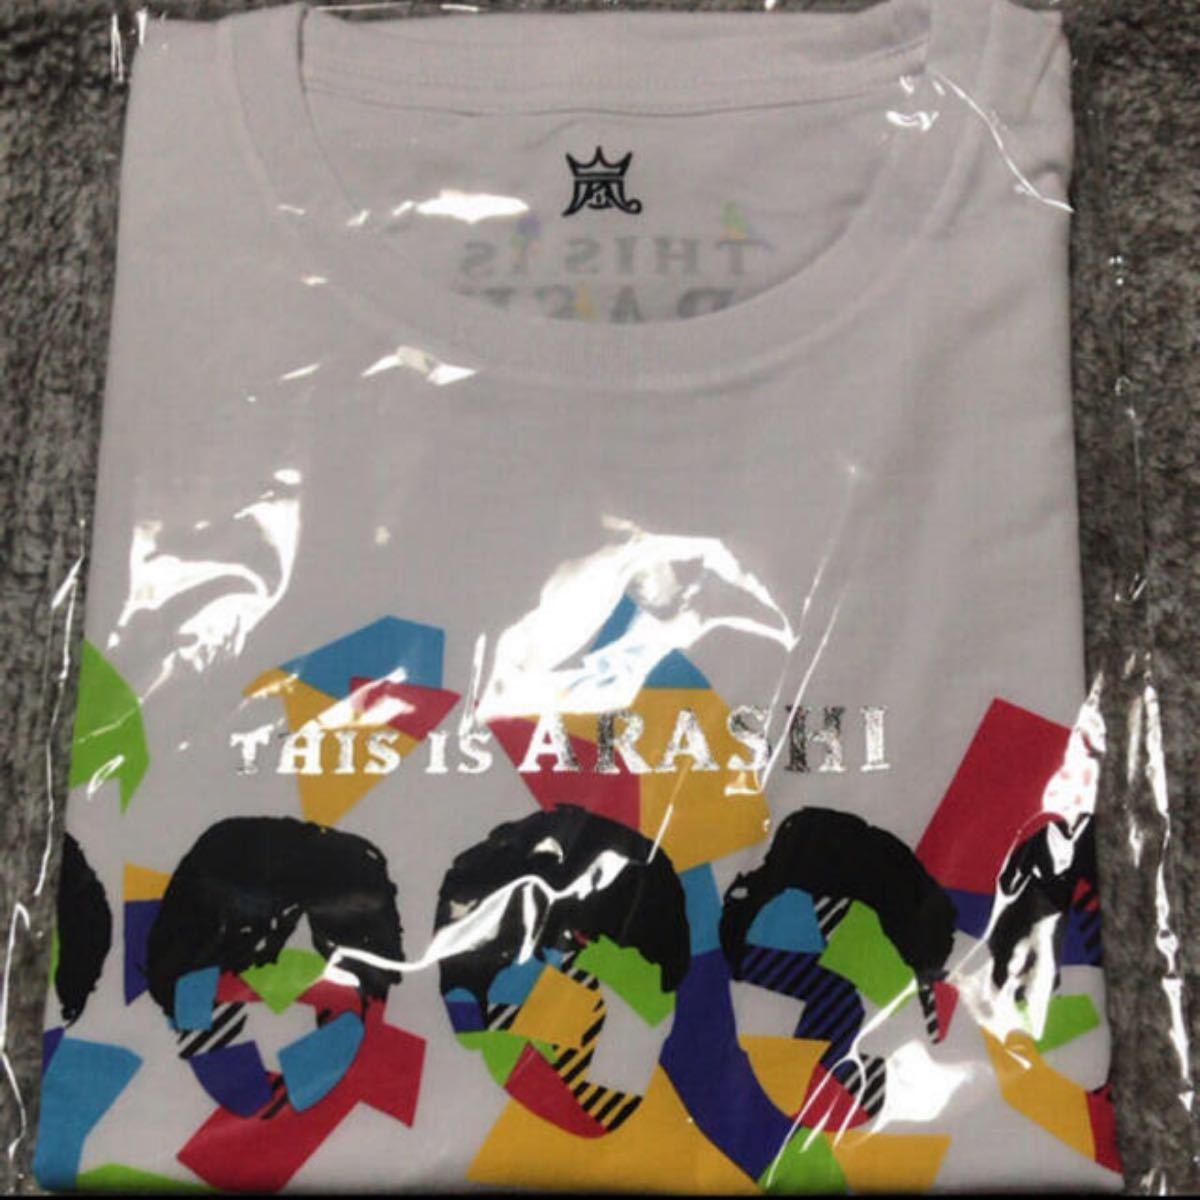 This is 嵐 LIVE 2020.12.31 Tシャツ(白)arashi 大野智 櫻井翔 相葉雅紀 二宮和也 松本潤